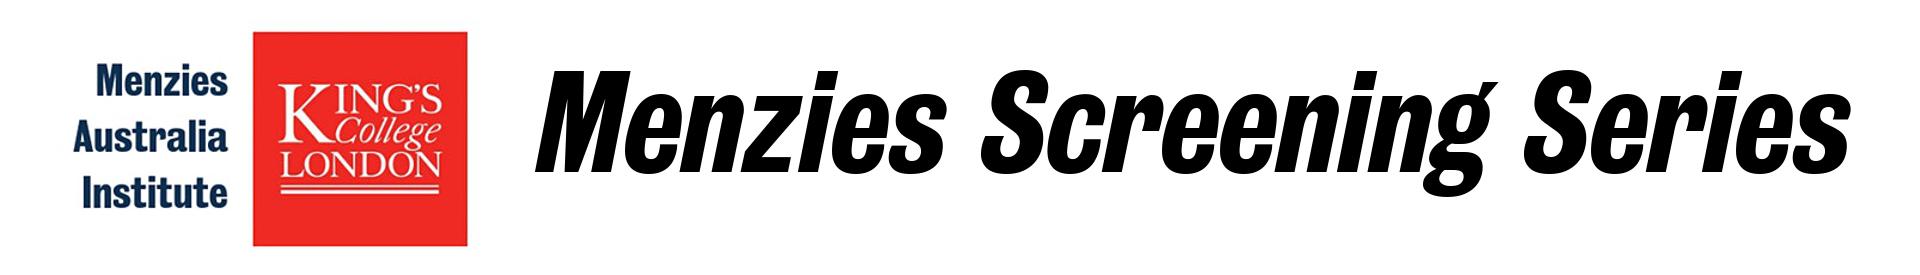 Menzies Screening Series (Spring 2021)